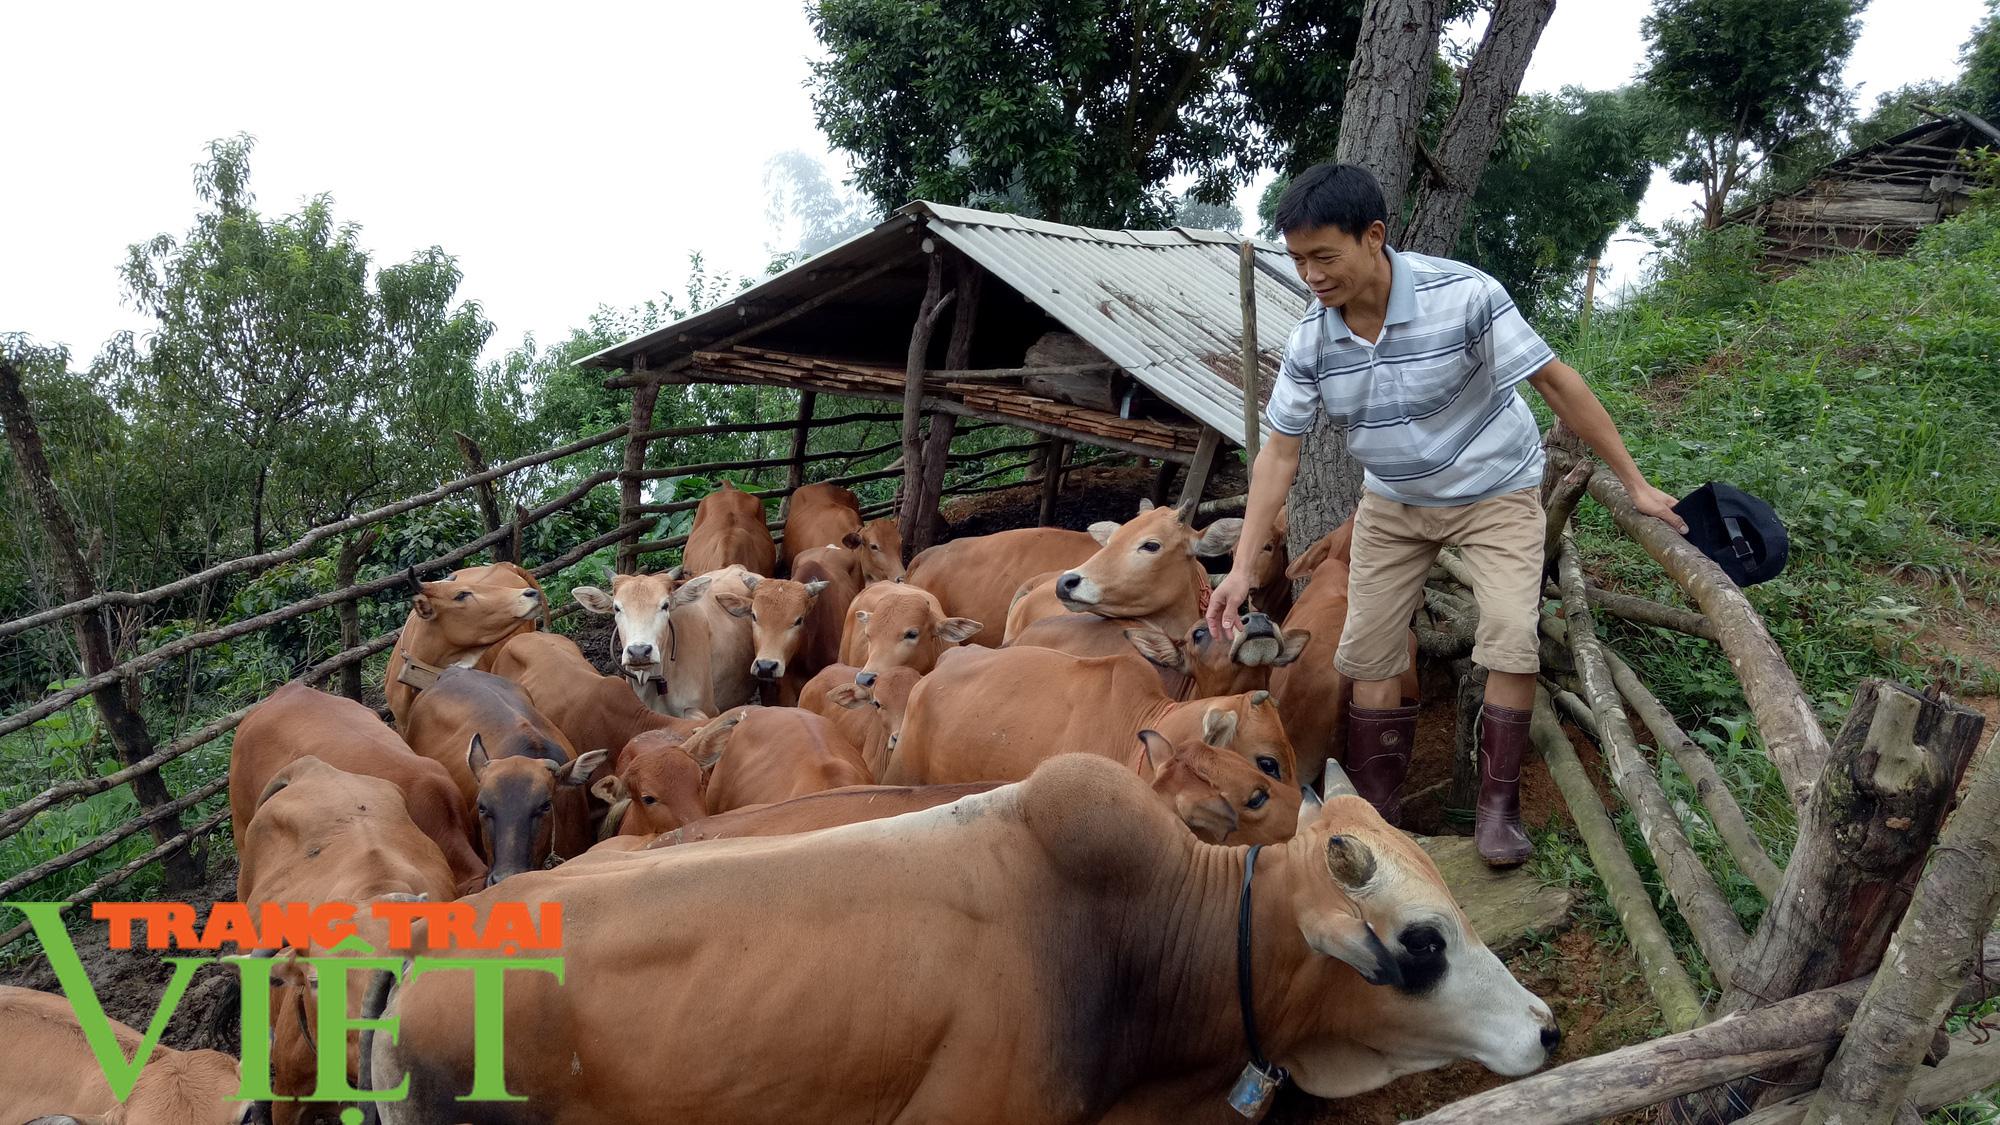 Nông dân Thuận Châu thi đua sản xuất, kinh doanh giỏi - Ảnh 1.